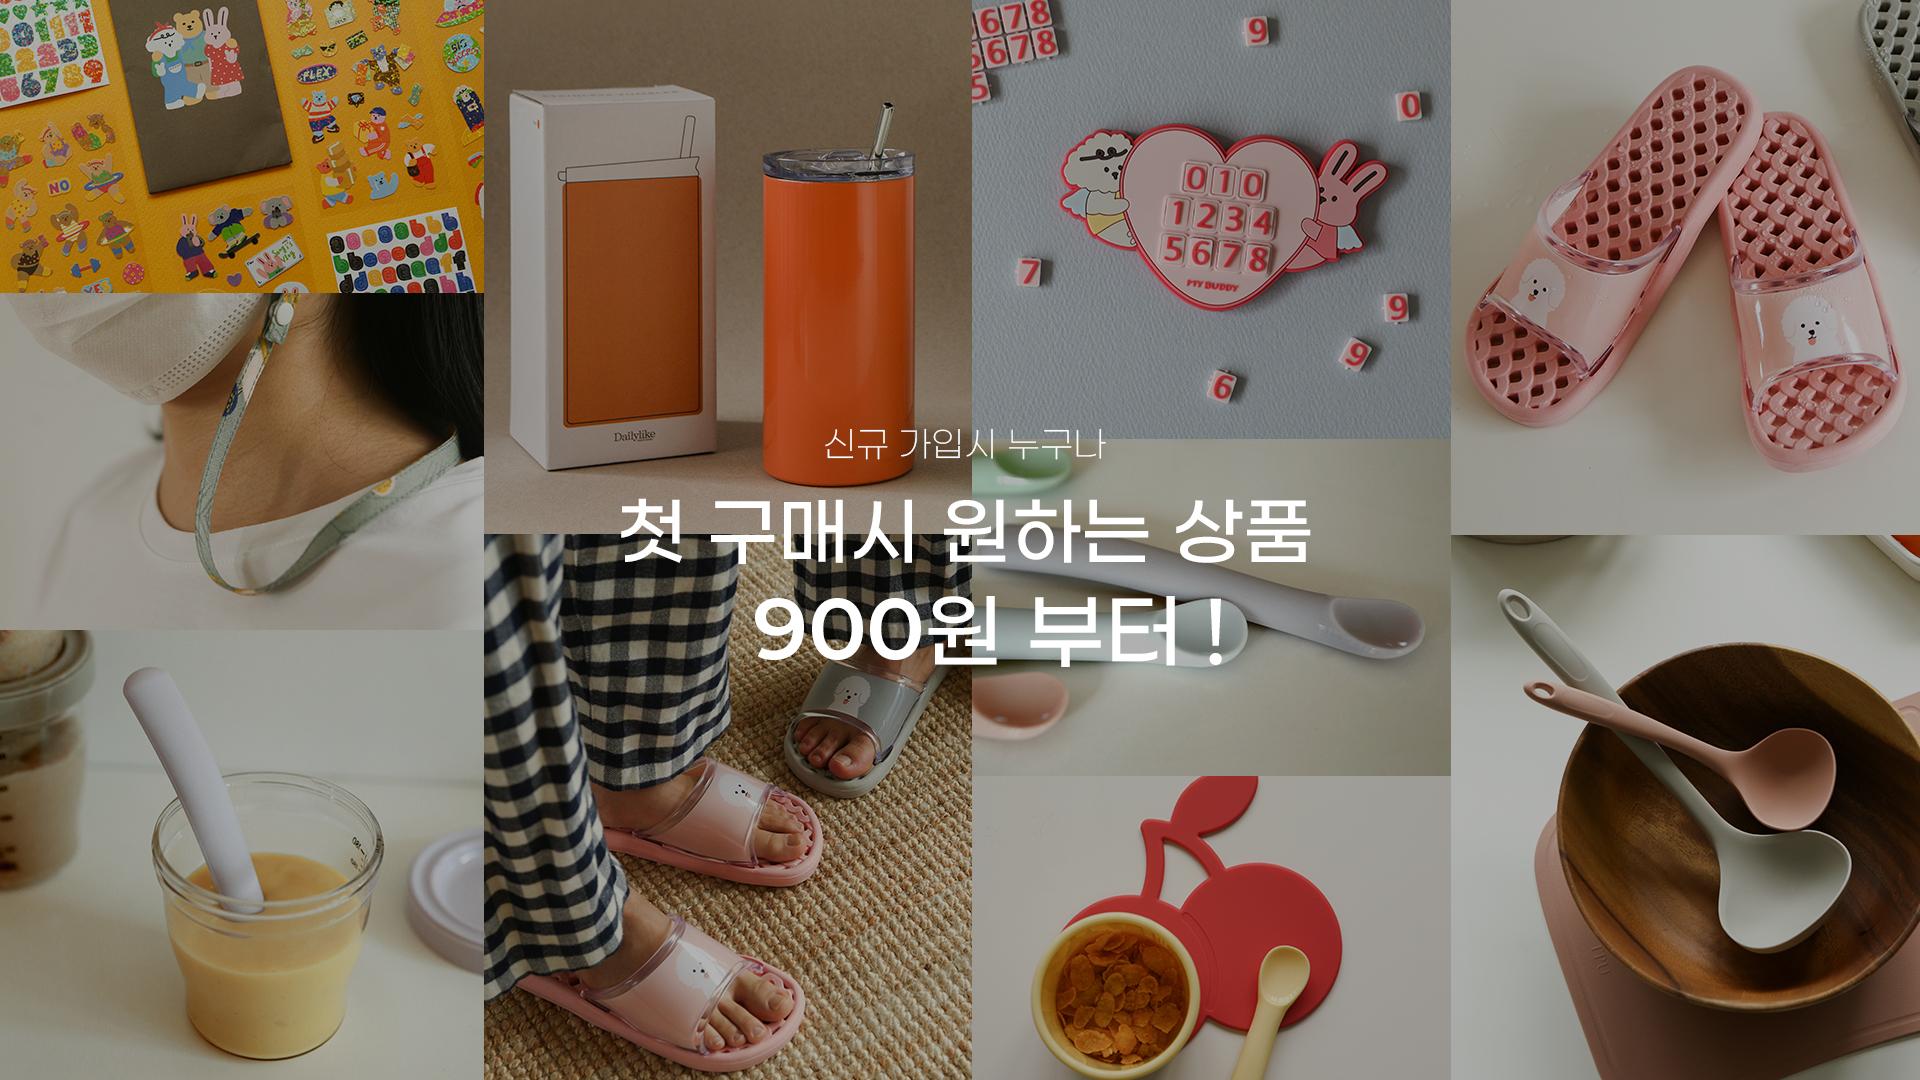 첫구매900원